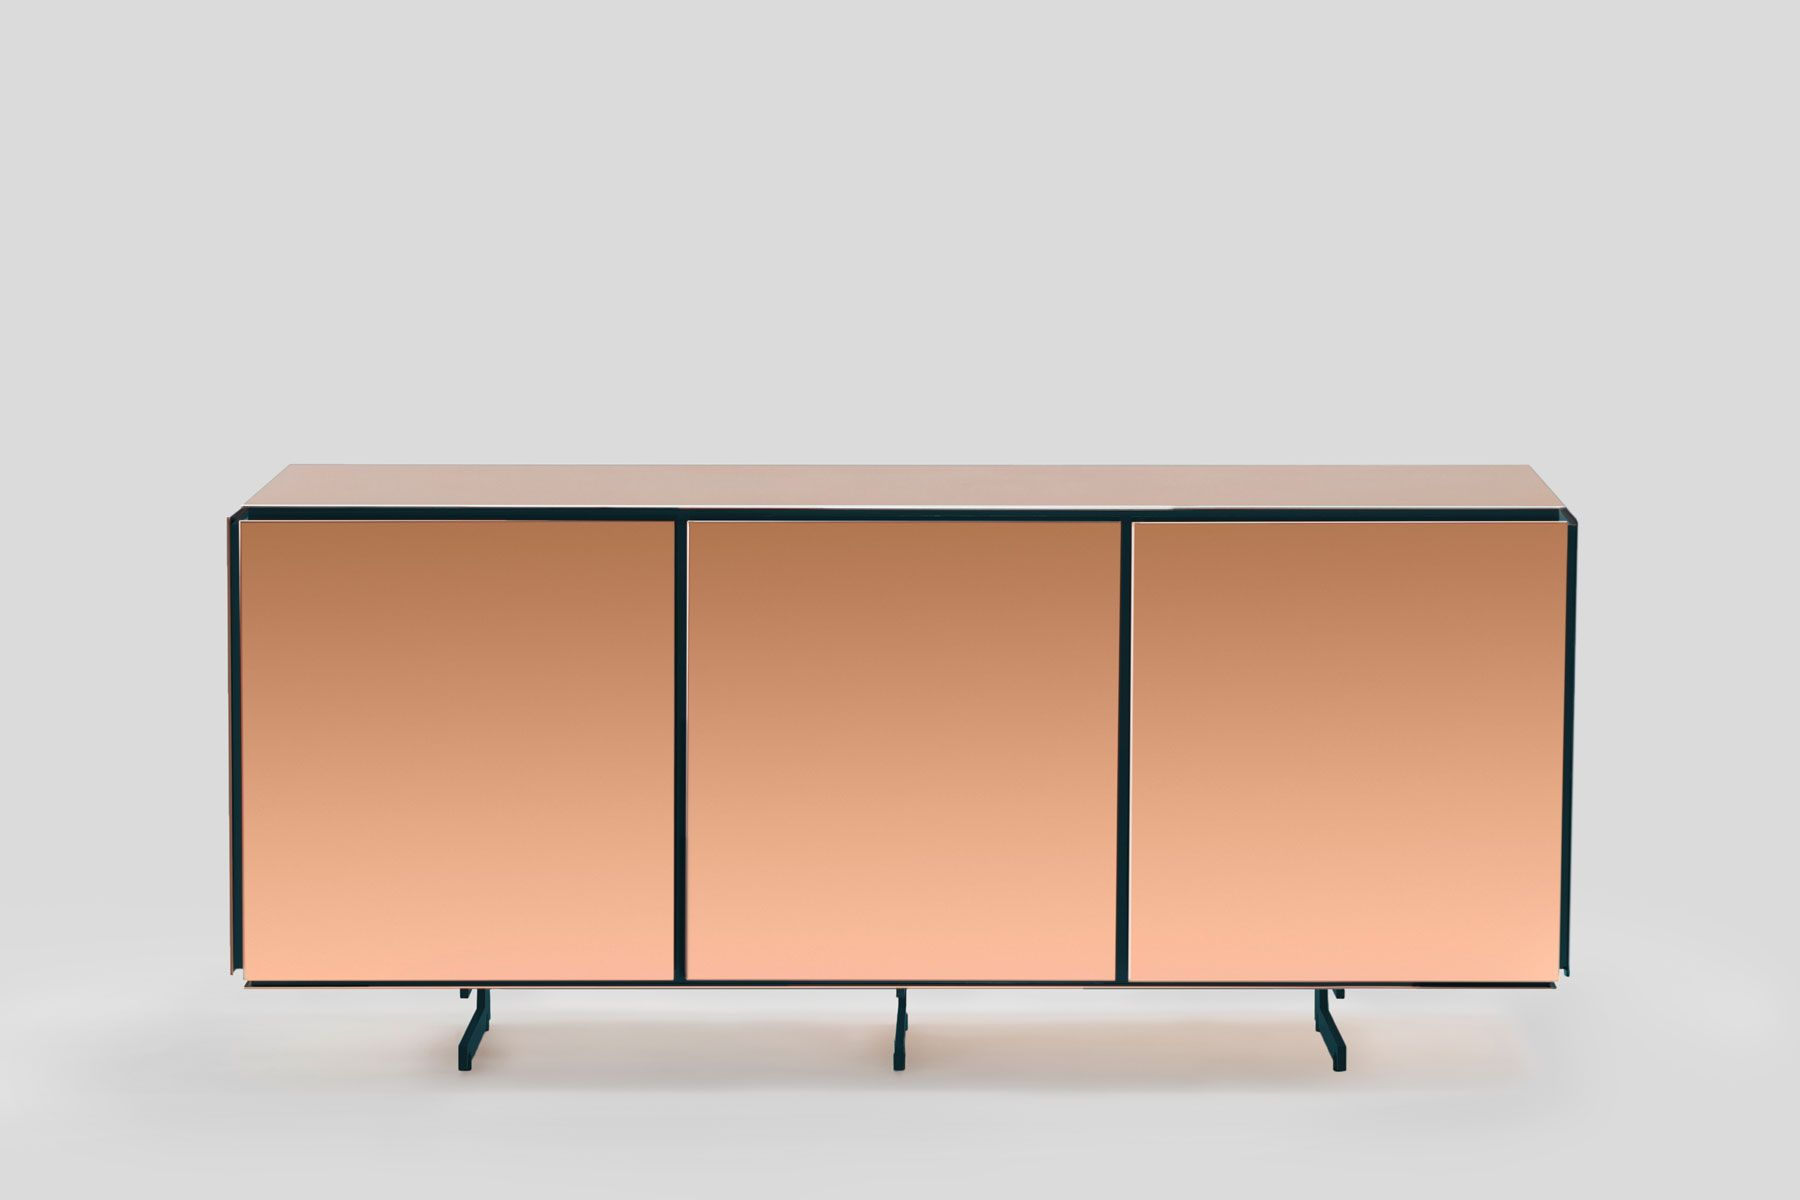 c6234c2f4282ab2e4061764e4c76eae0 Incroyable De Table Basse Le Corbusier Concept